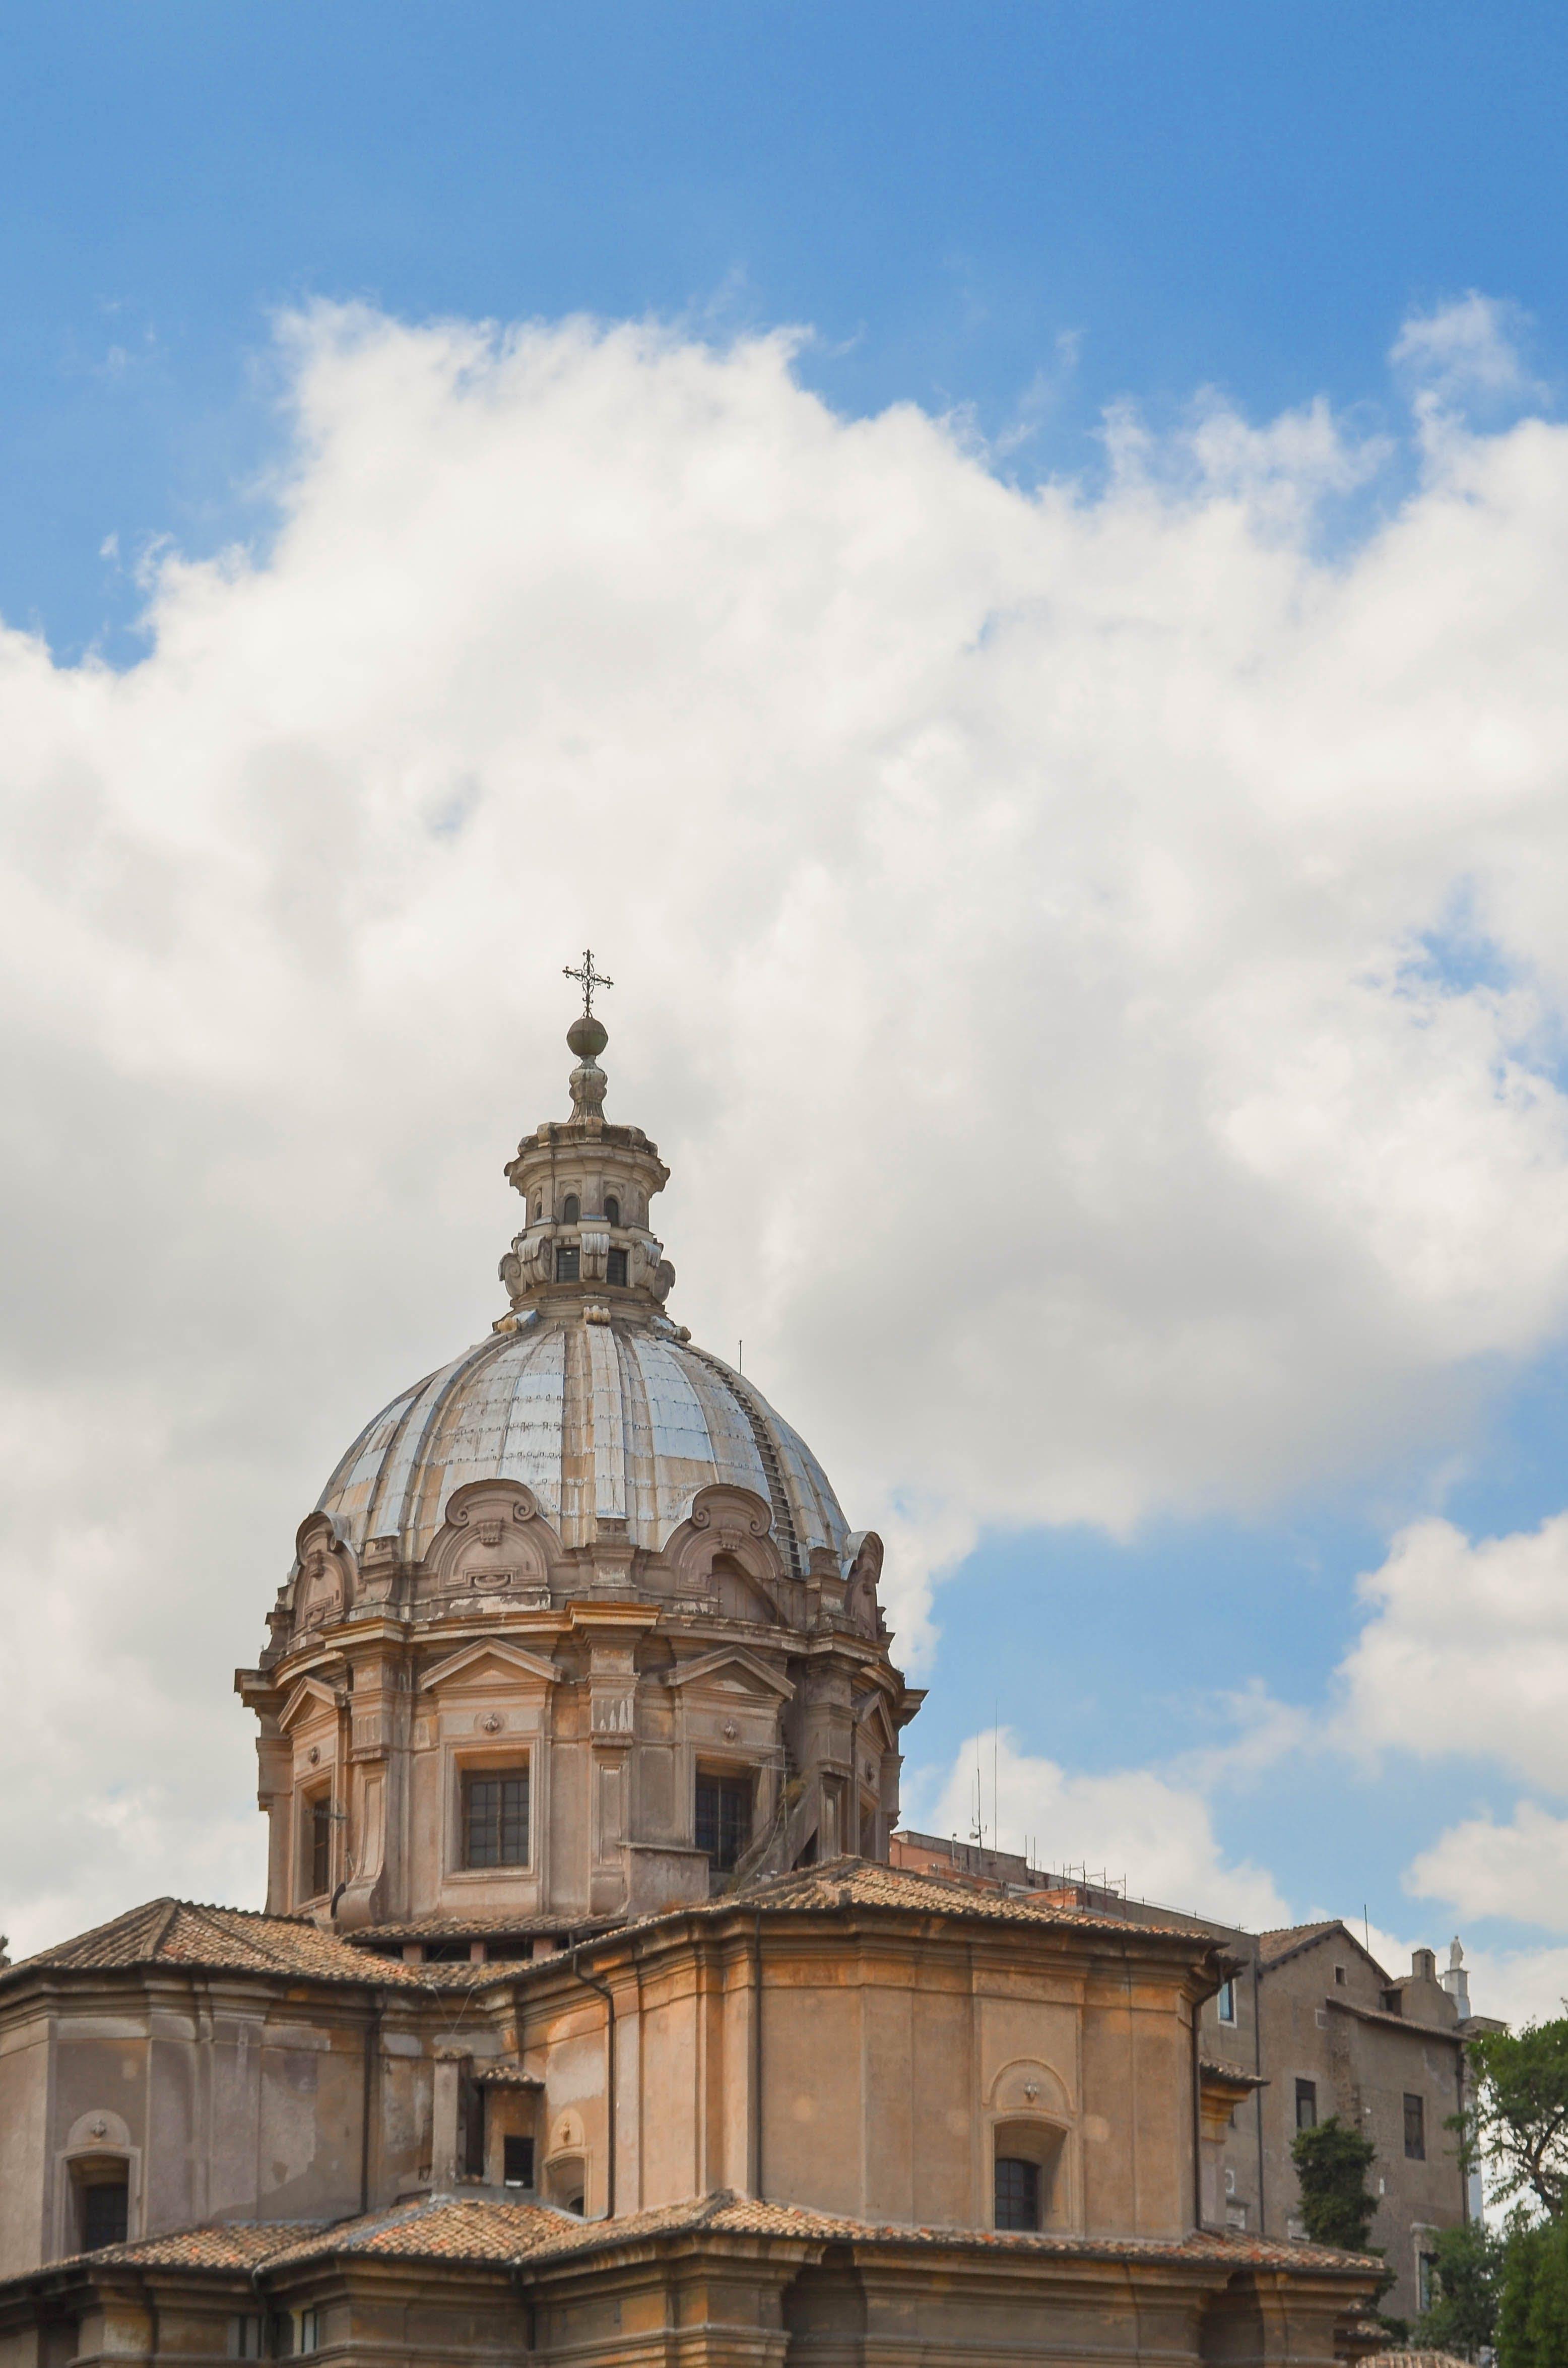 Gratis lagerfoto af bygning, bygninger, himmel, italien